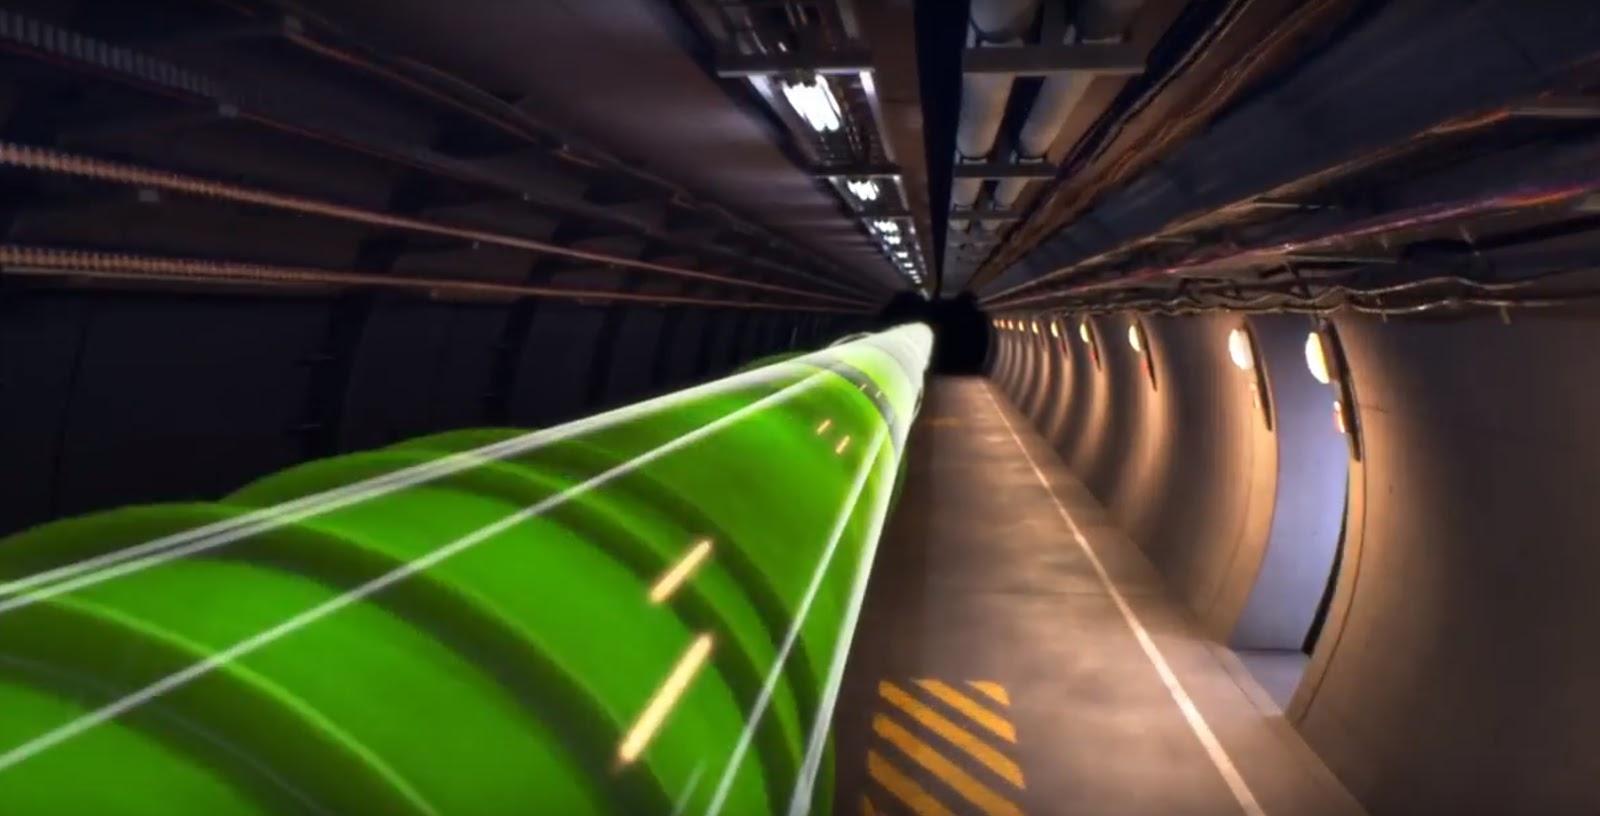 Sabine Hossenfelder: Backreaction: CERN produces marketing video for